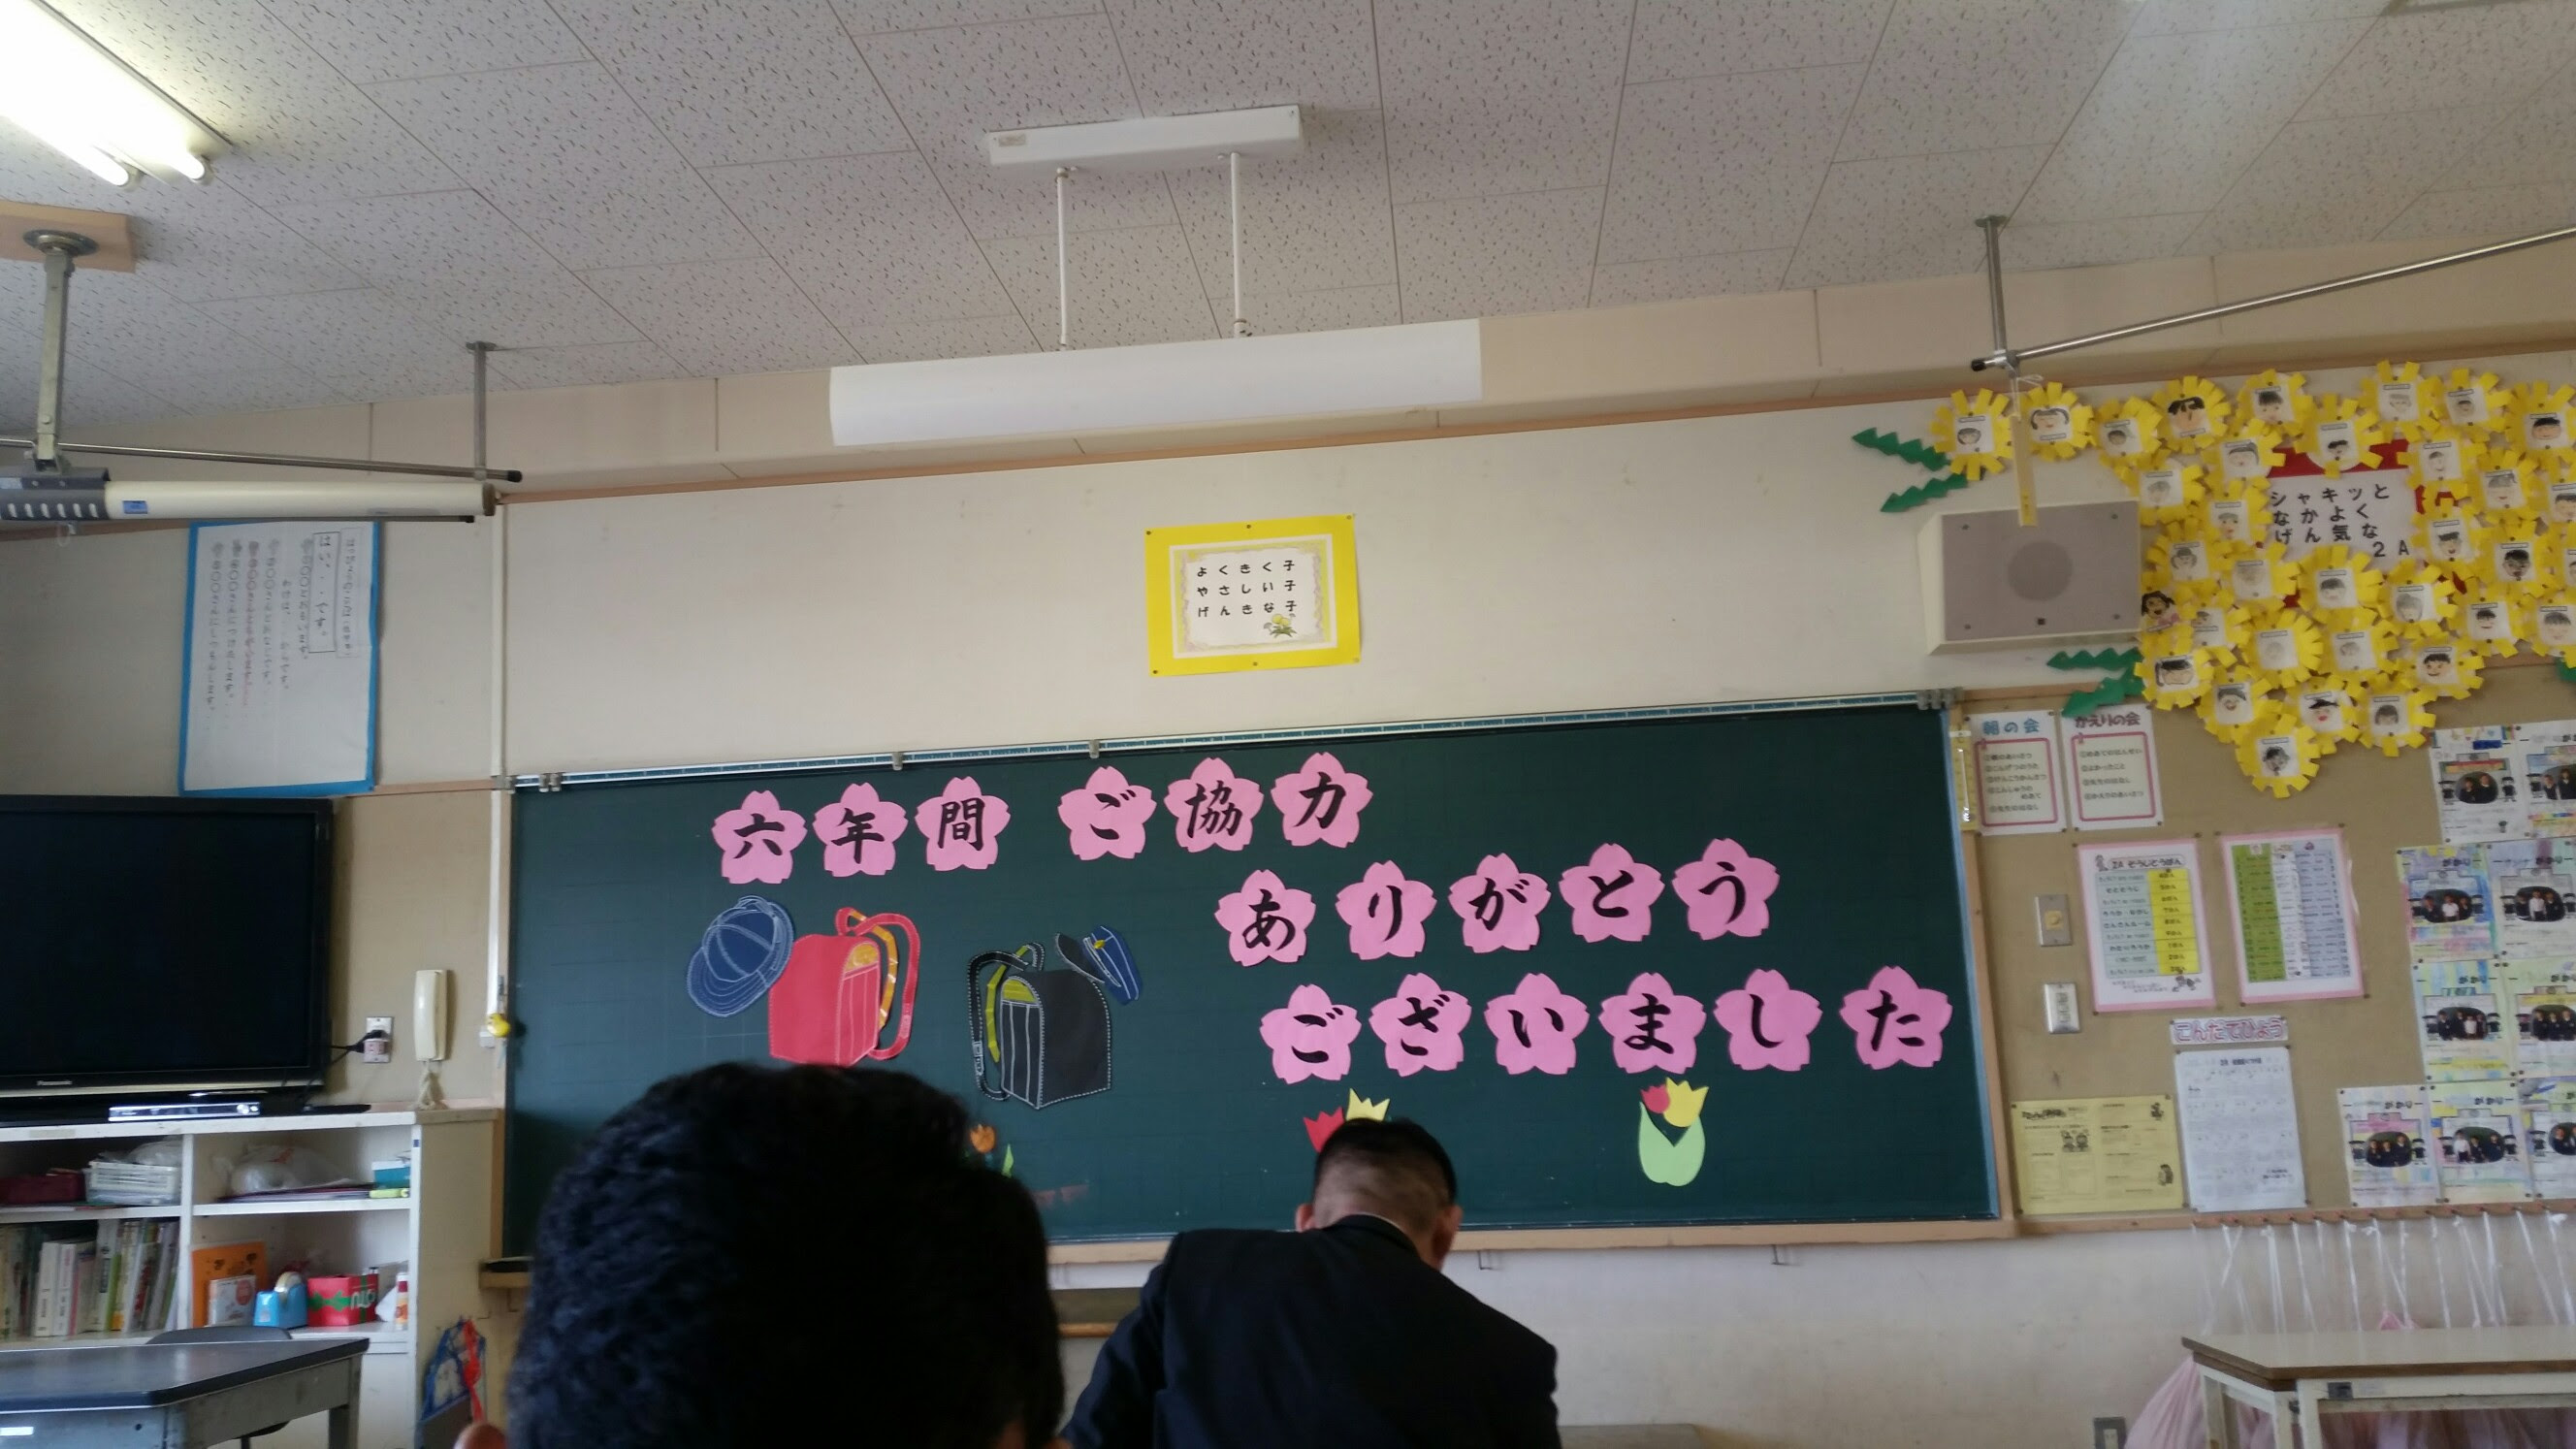 岡山の壁紙張替え職人 インテリアすずま 卒業式